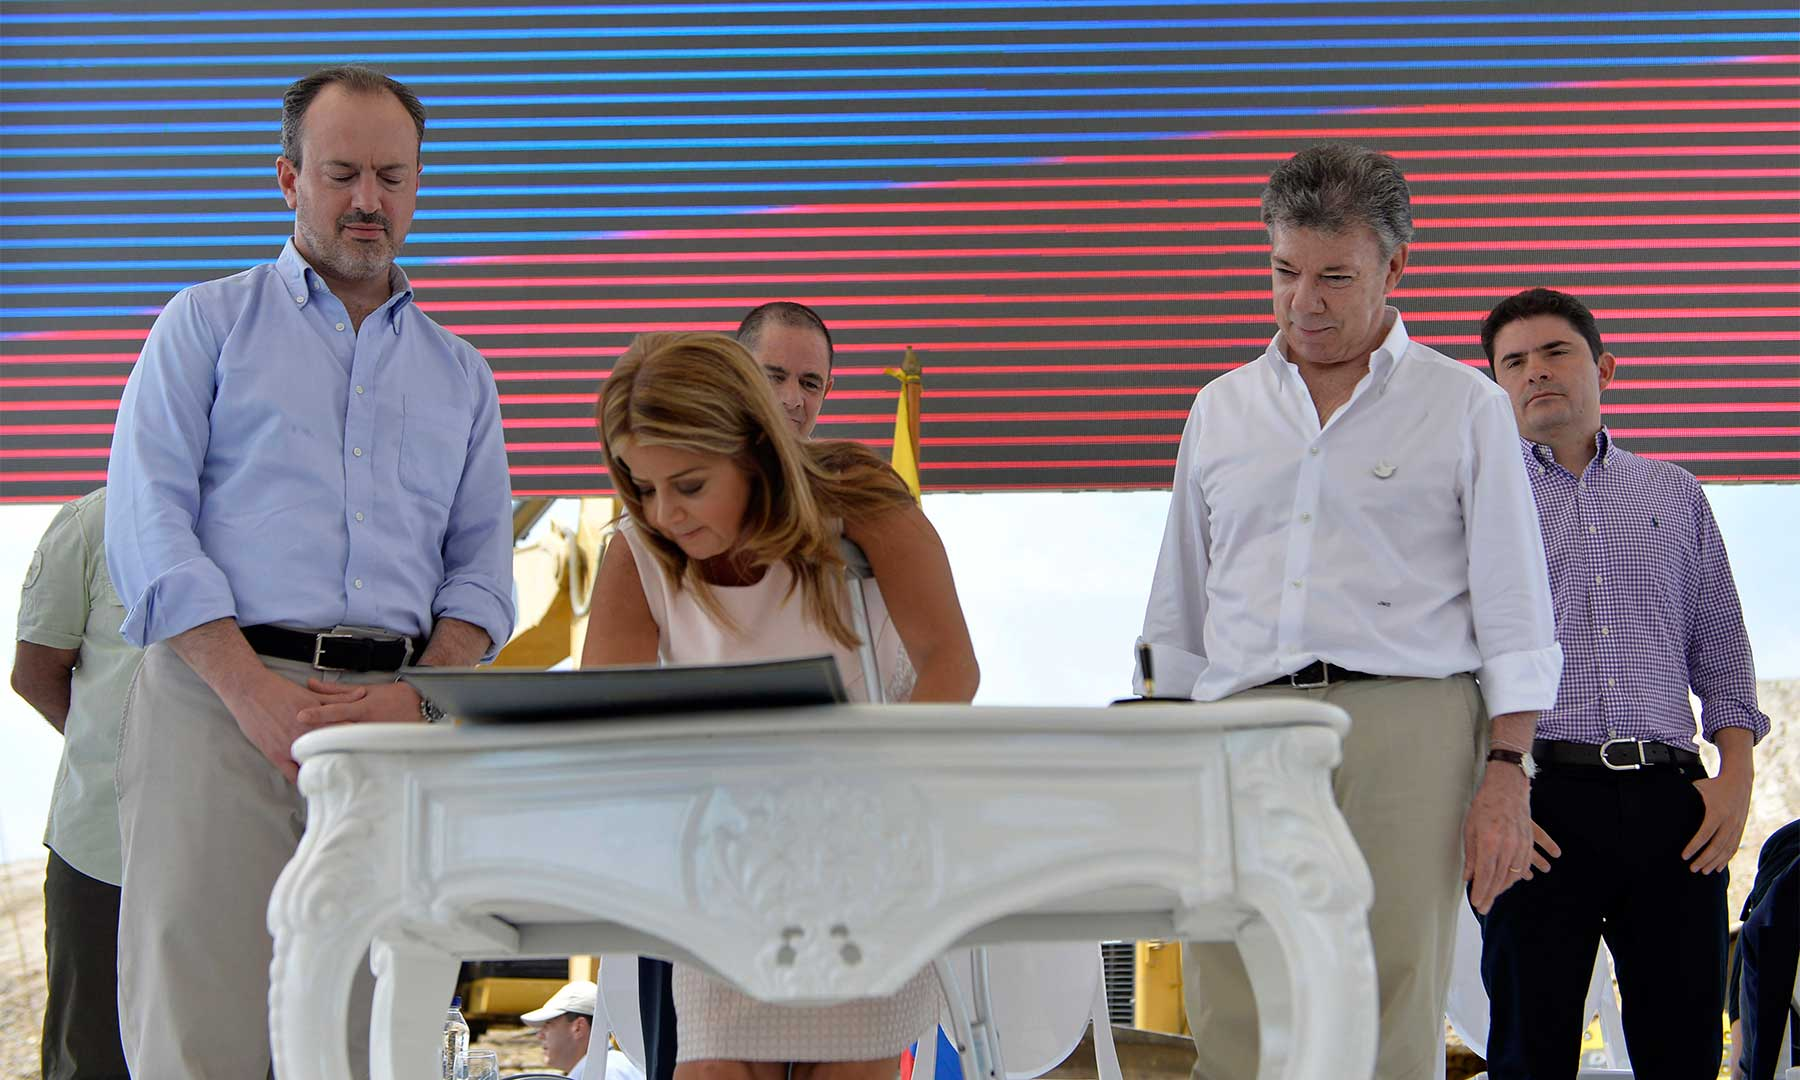 La exalcaldesa de Barranquilla, Elsa Noguera de la Espriella, se posesionó este martes en la capital del Atlántico como Ministra de Vivienda, Ciudad y Territorio.